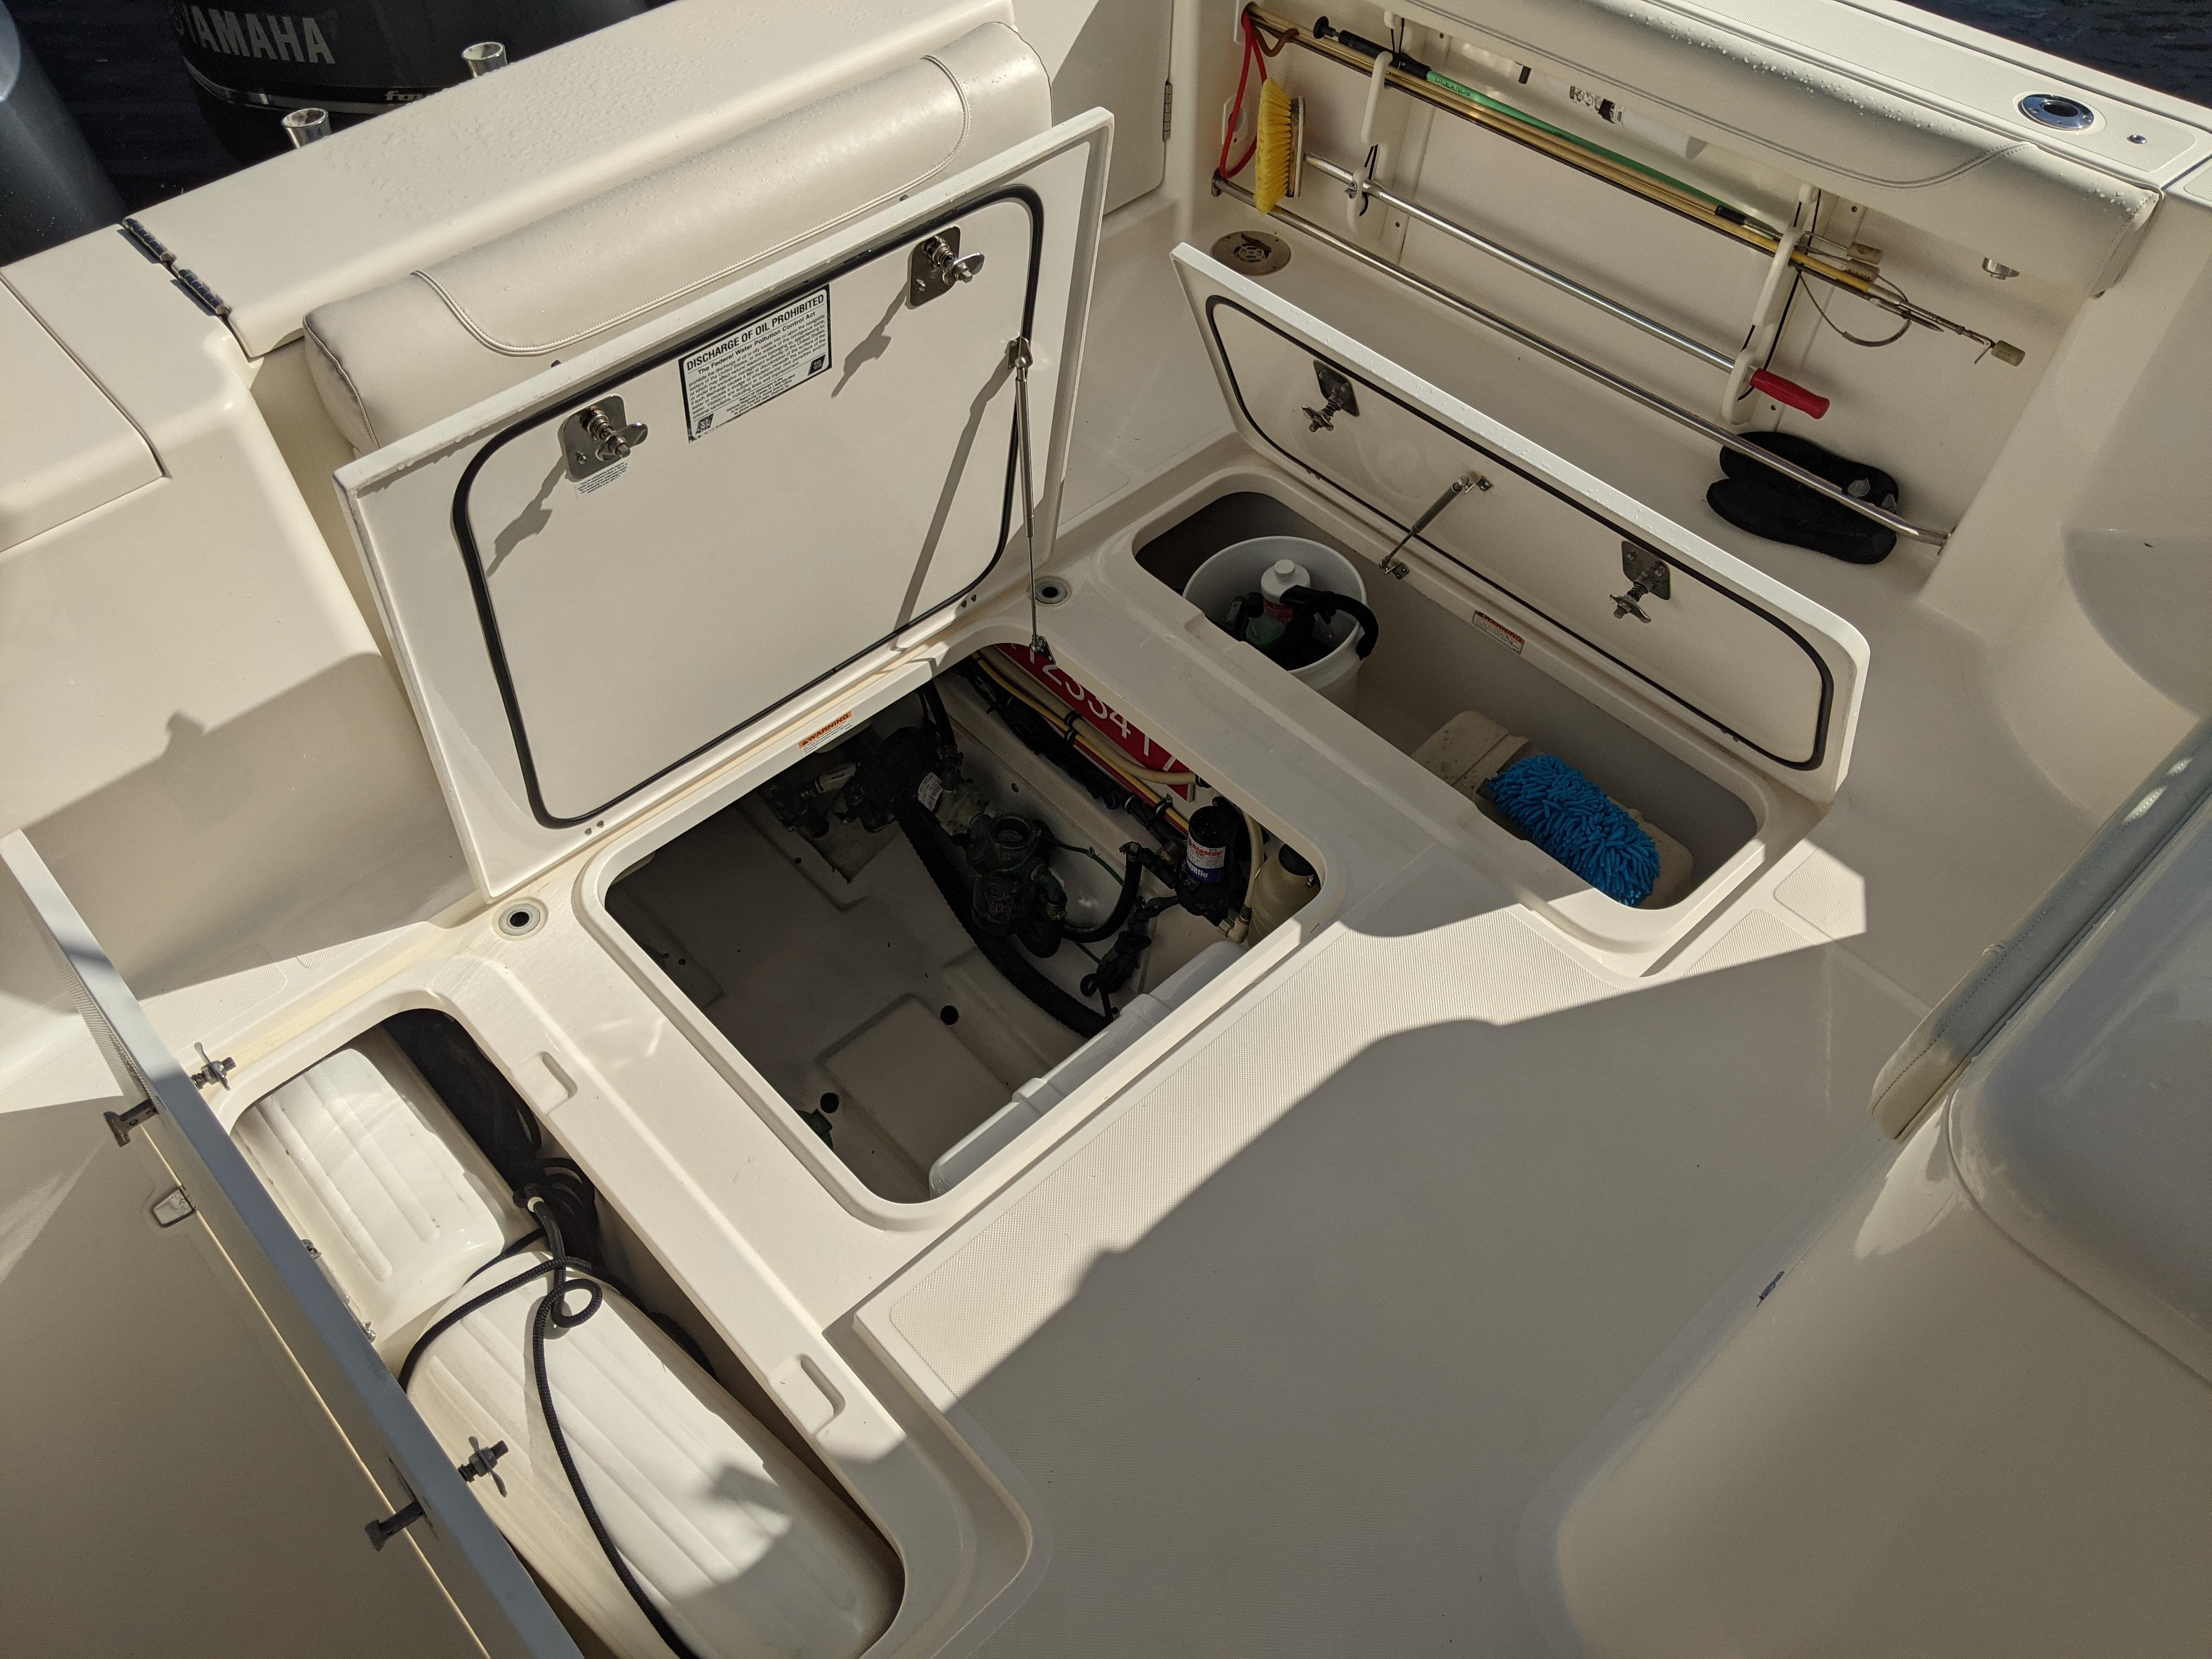 2011 Pursuit OS 345 Offshore